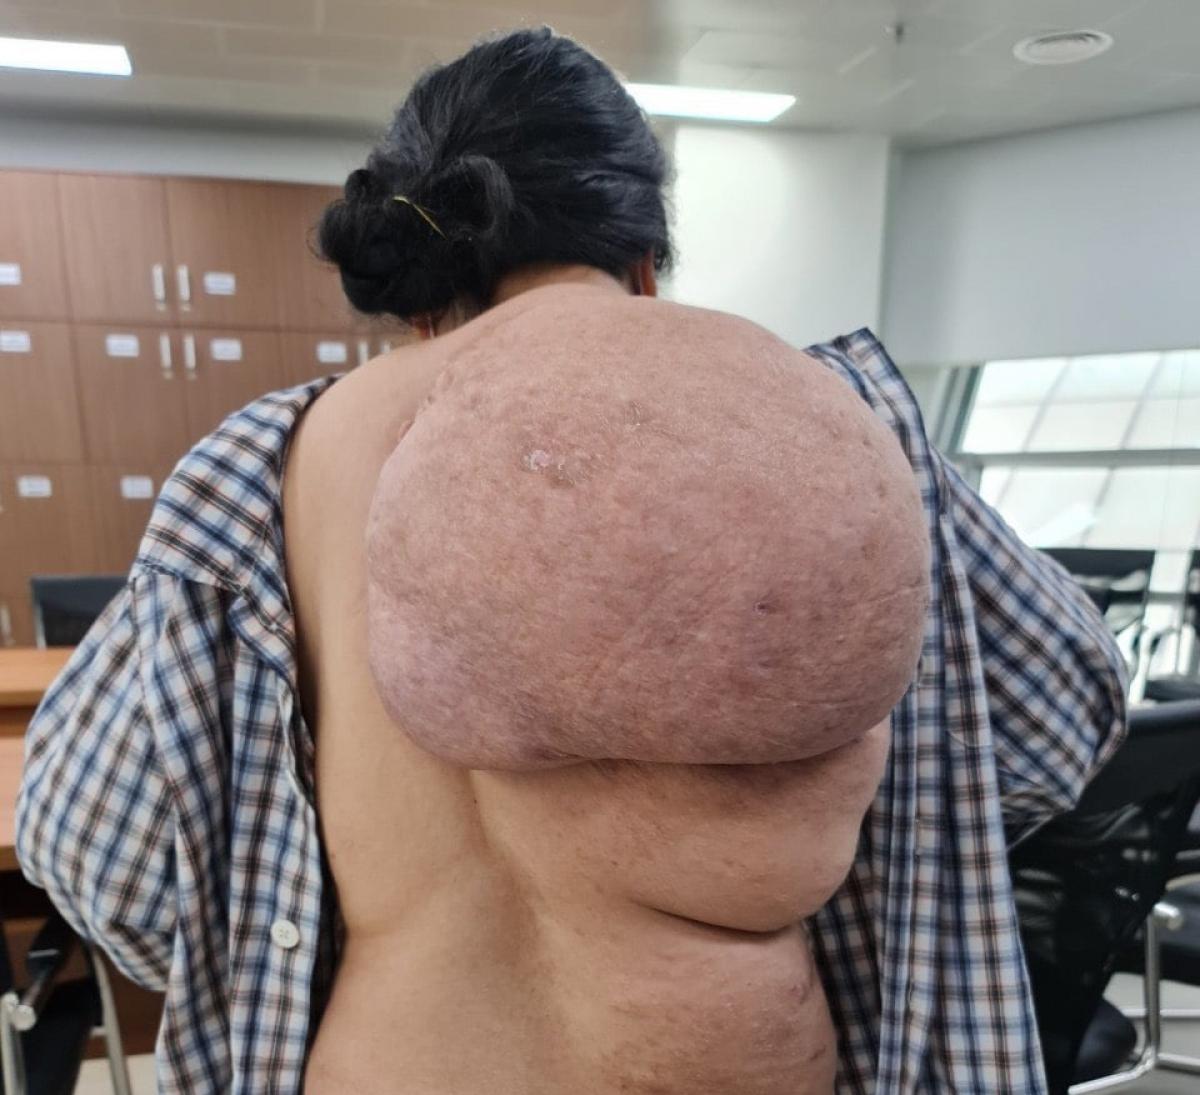 Khối u khổng lồ từ bả vai đến xuống thắt lưng và mông phải của bệnh nhân. (Ảnh: BVCC)